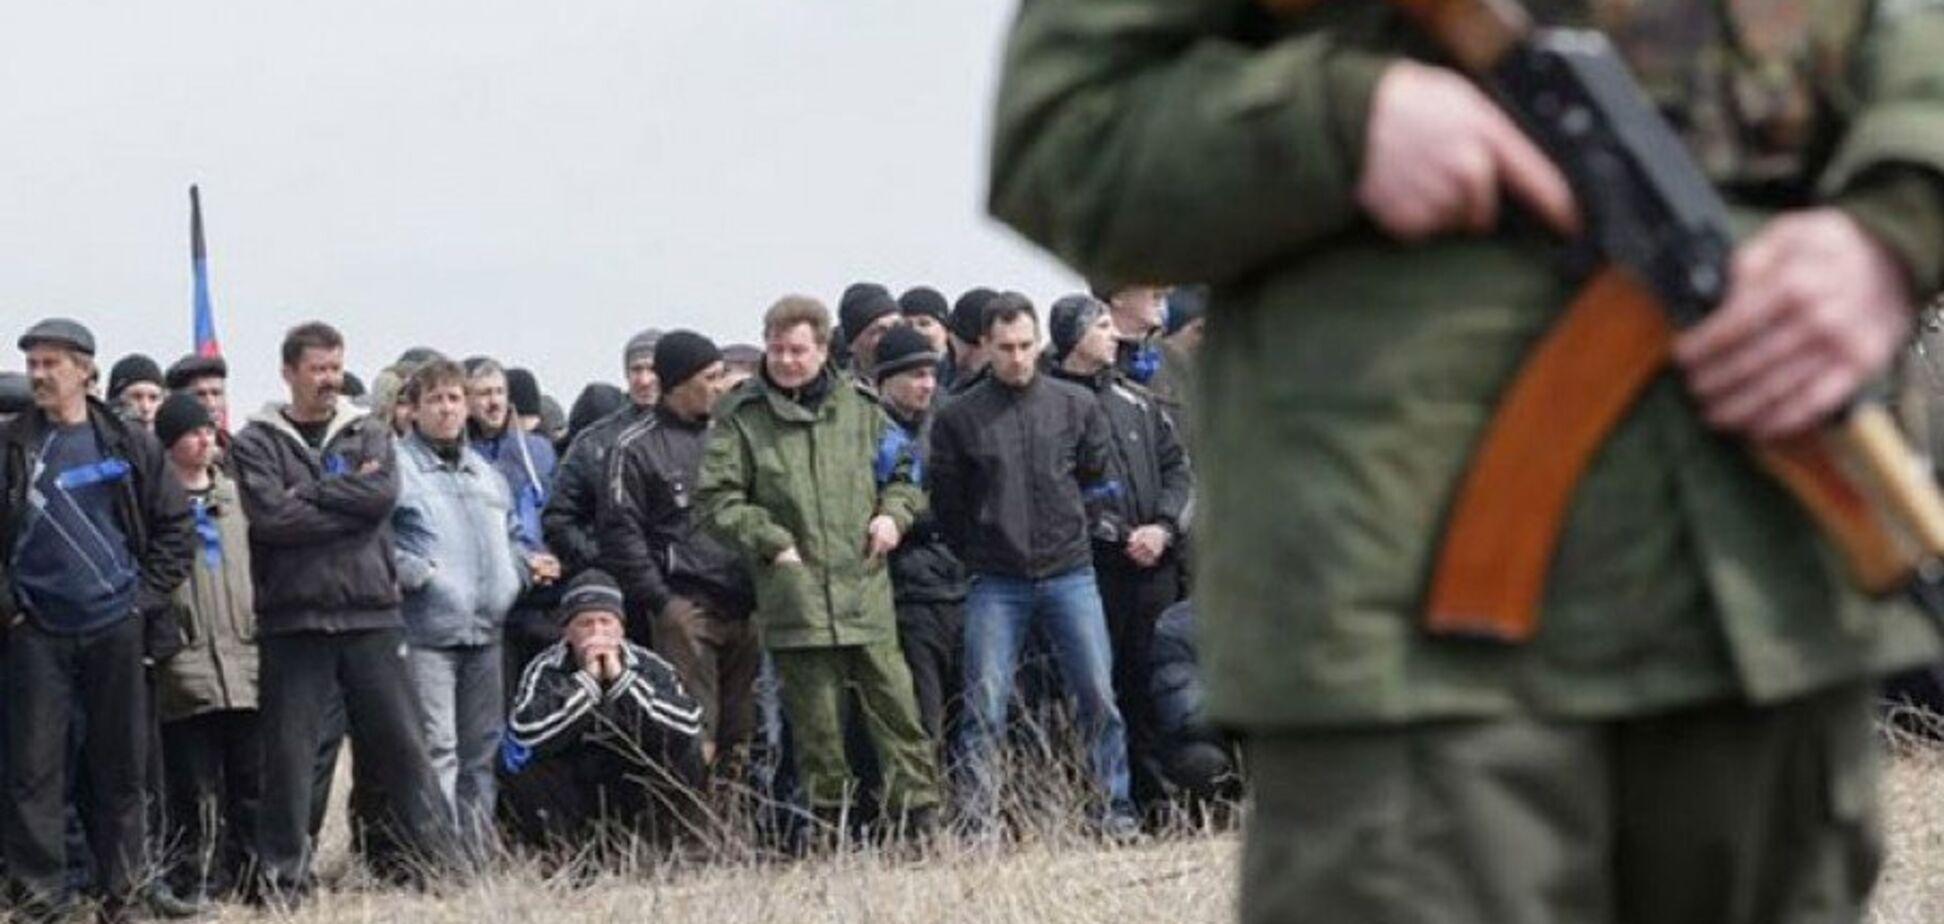 Массово заезжают люди без гражданства: разведка узнала о беспределе в ОРДЛО